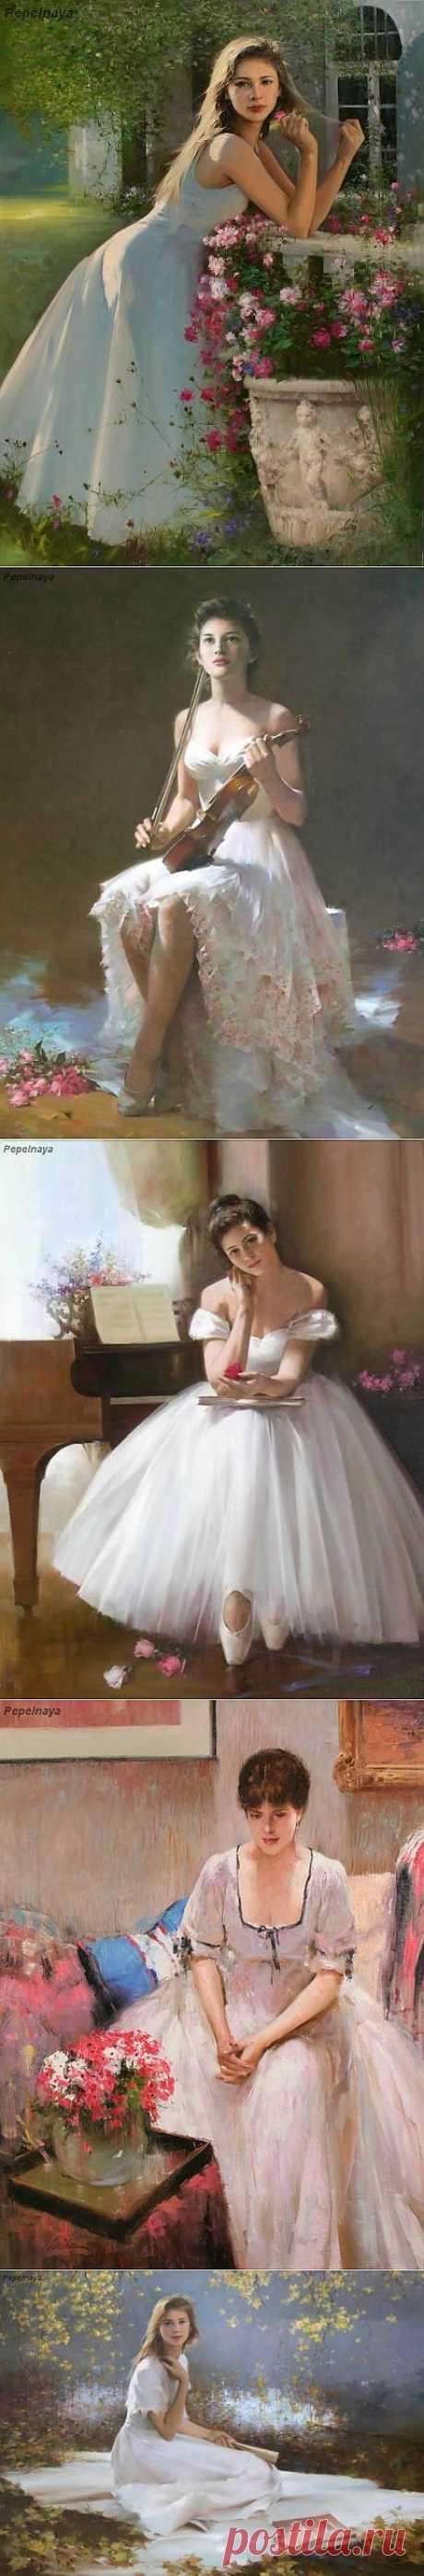 =Женщины художника Ан Хи=.